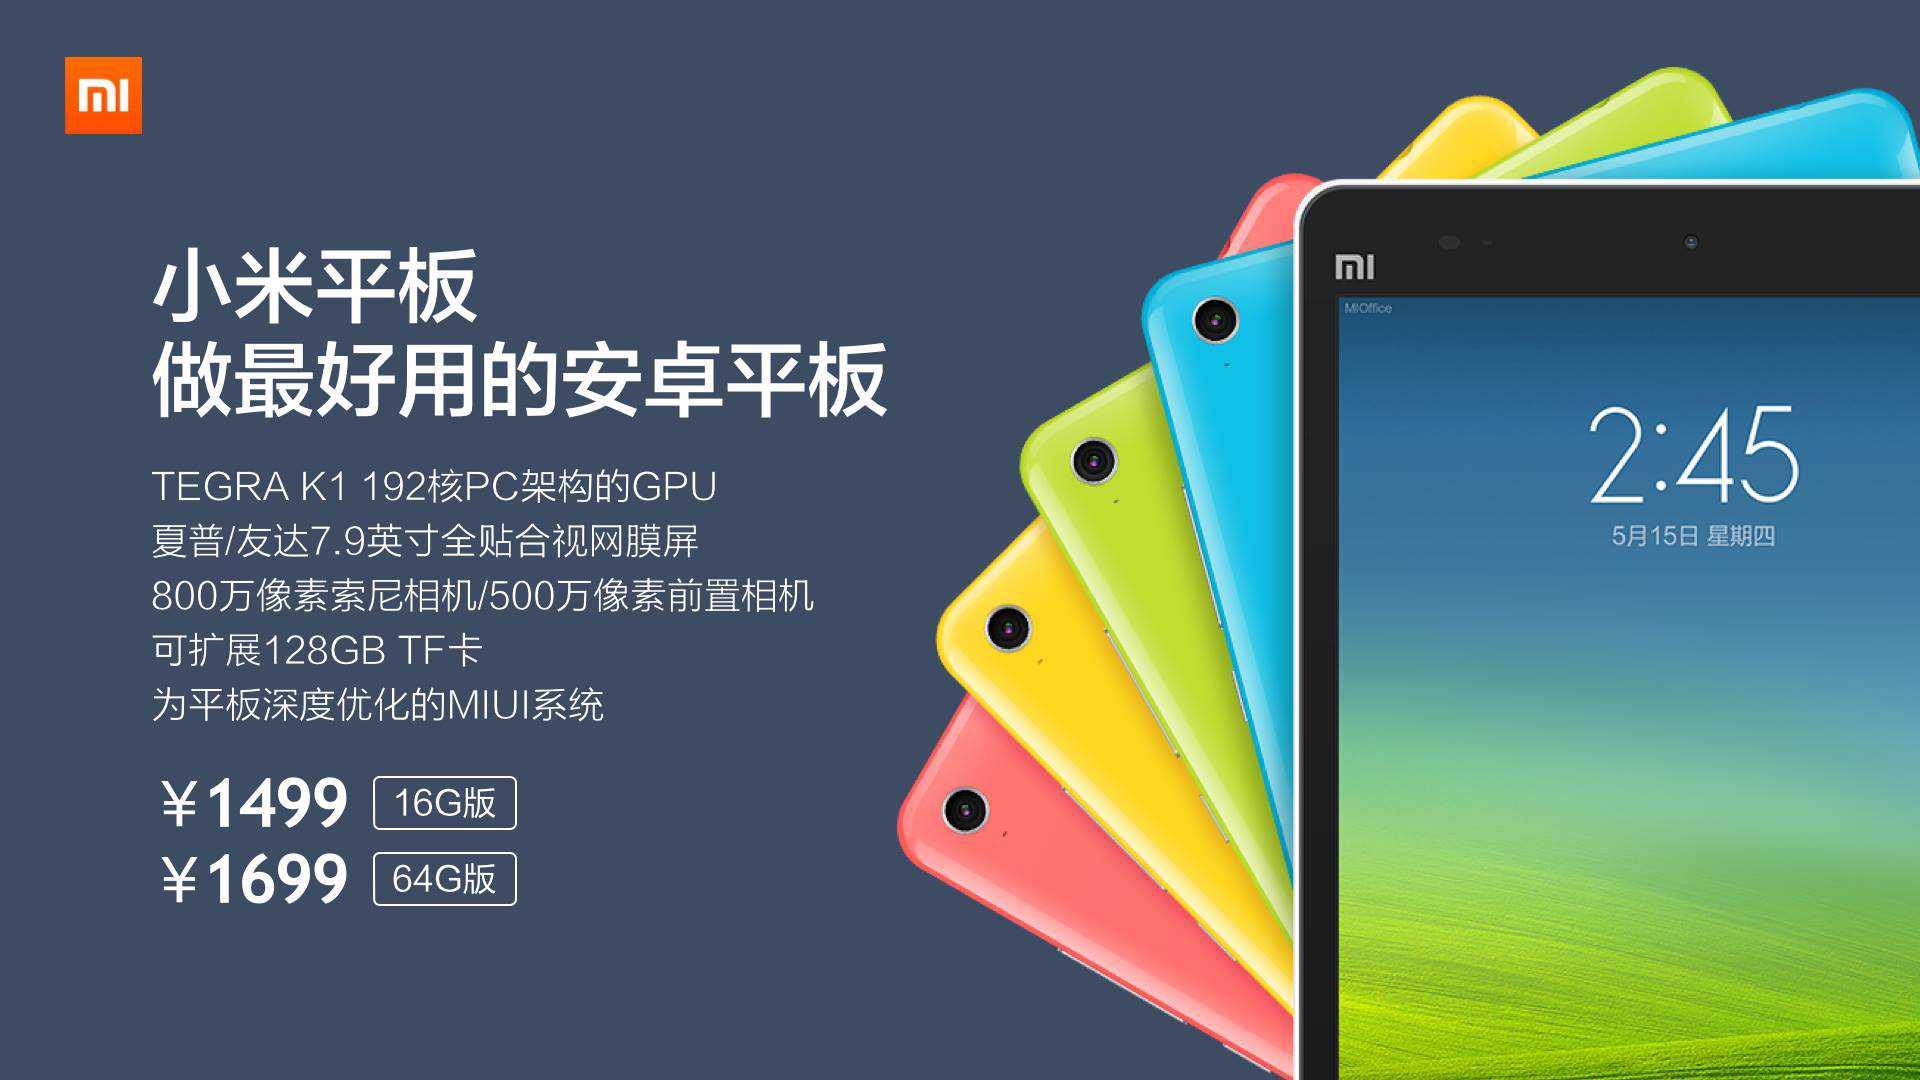 Xiaomi svela il MiPad da 7.9″ con primo chip Nvidia Tegra K1 al mondo